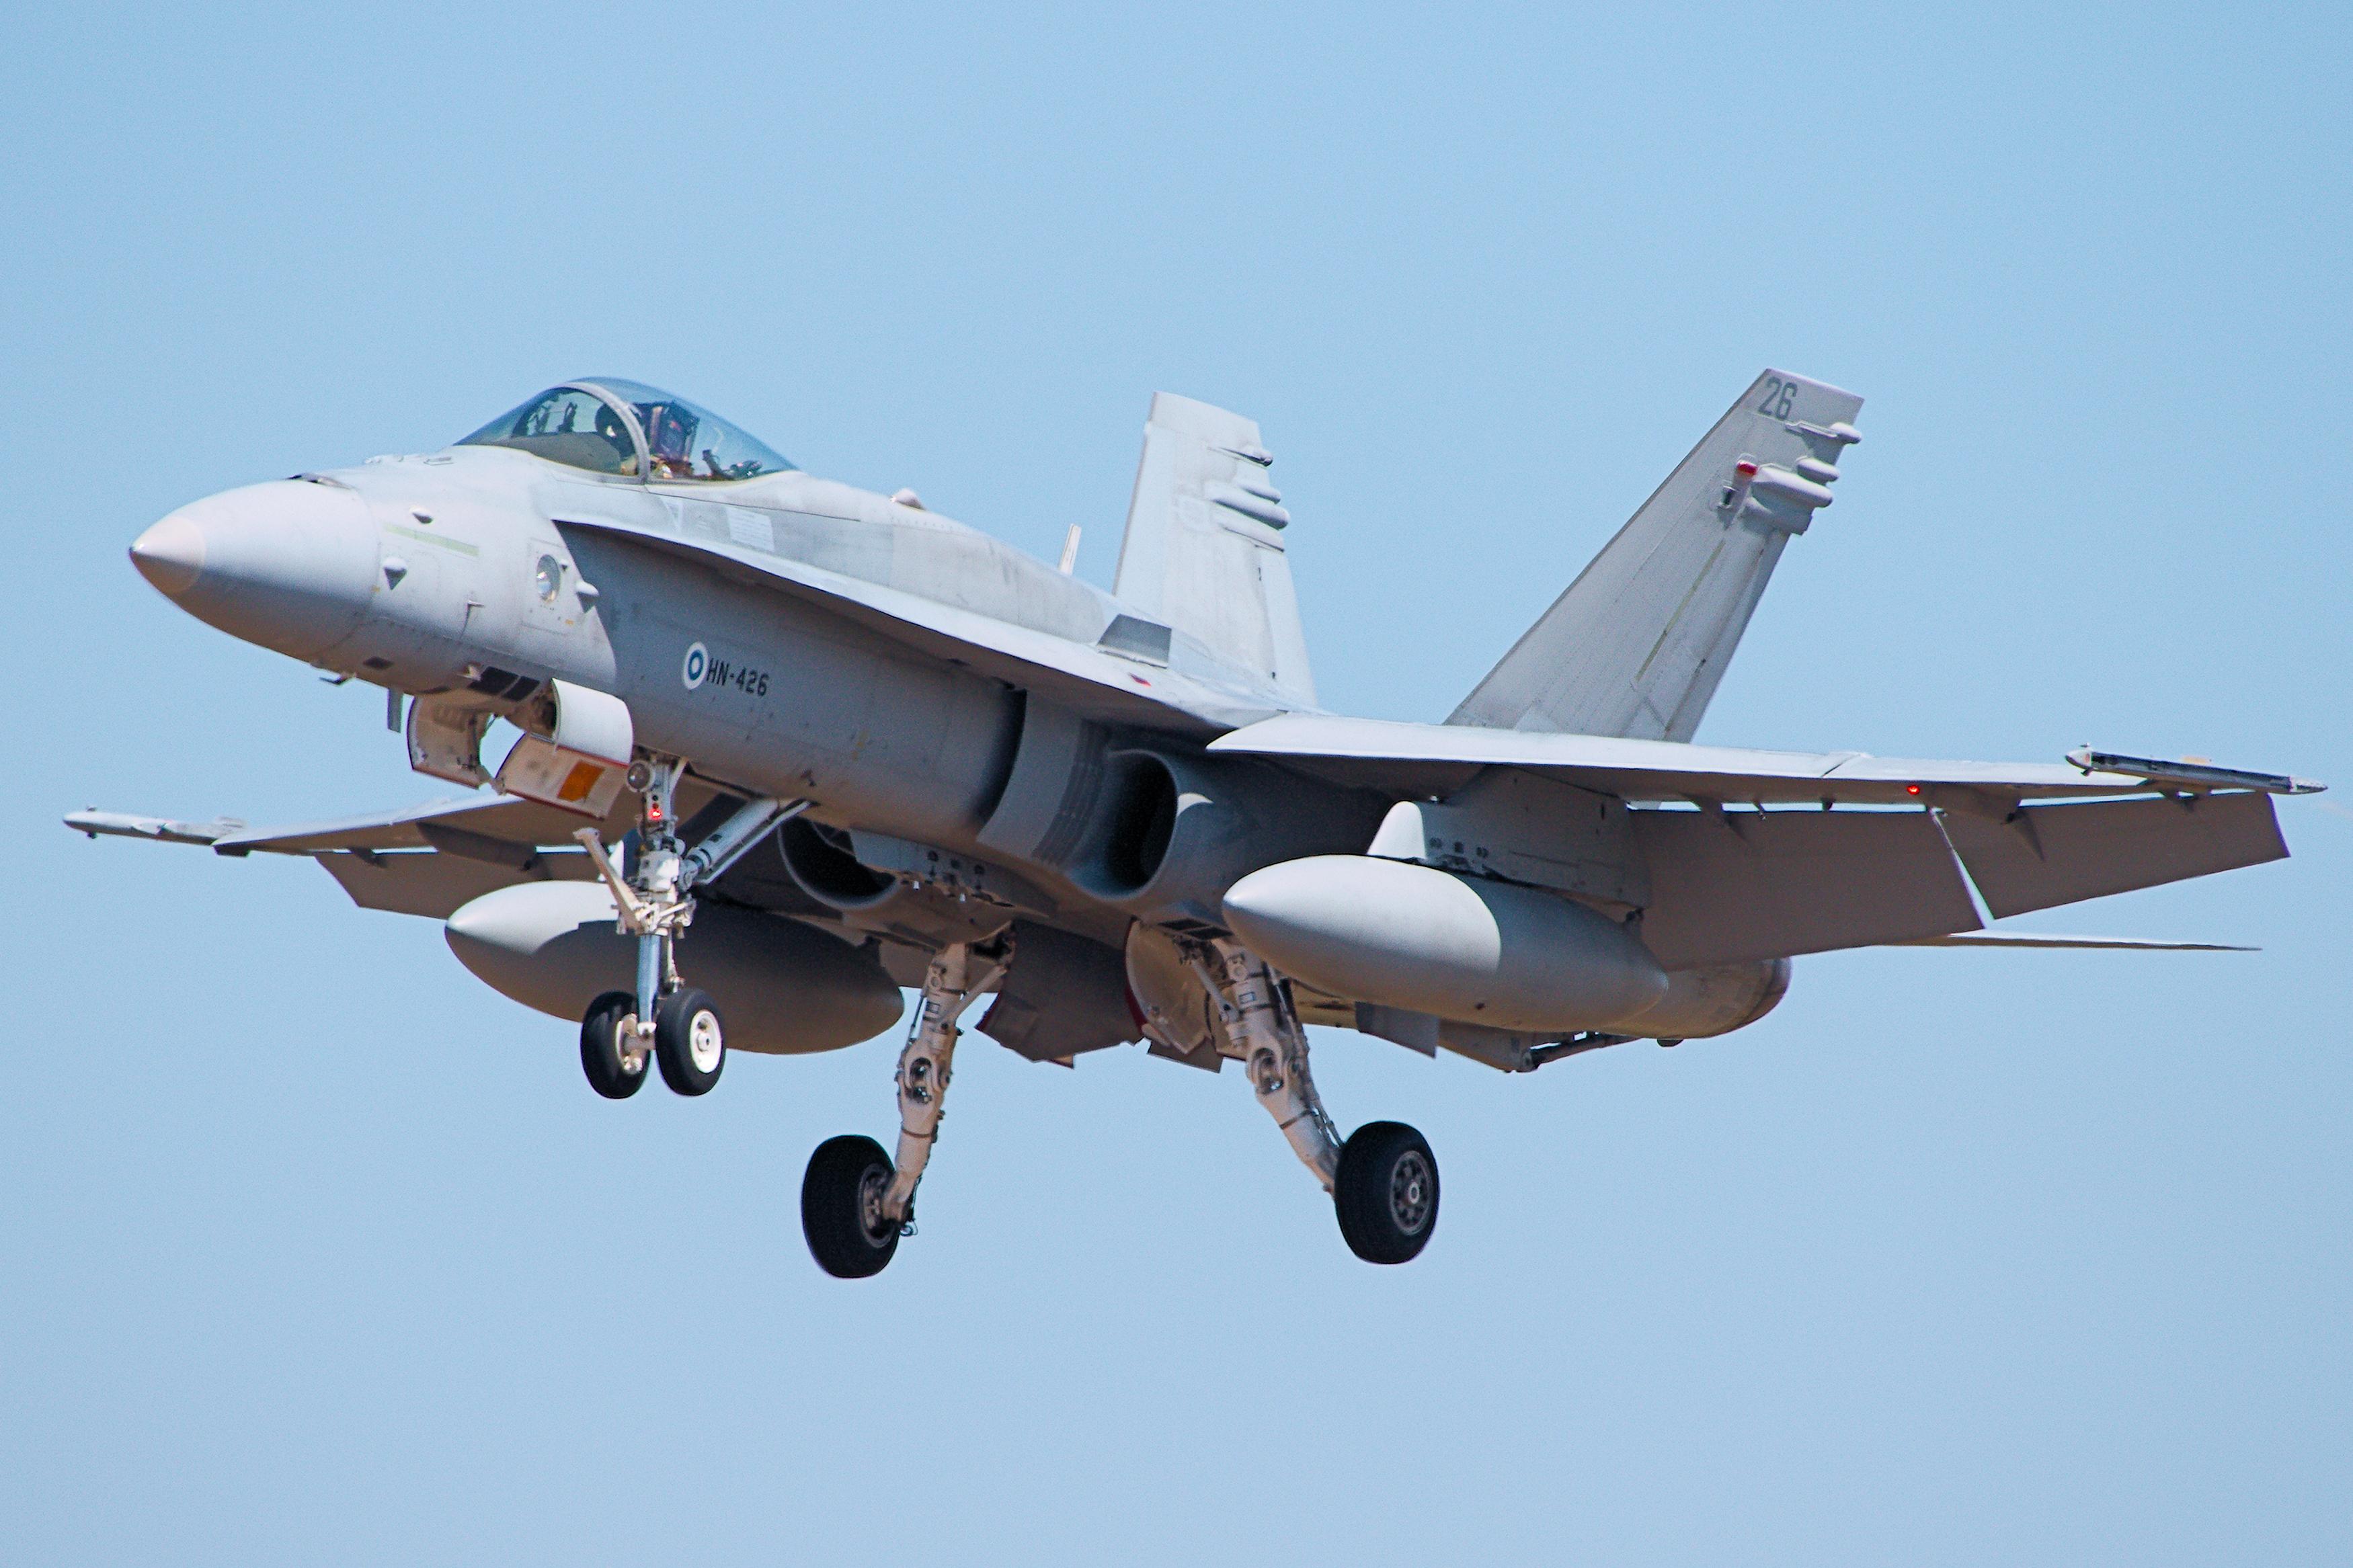 Milliarden für US-Kampfjets ausgeben, um Atomwaffen einzusetzen?